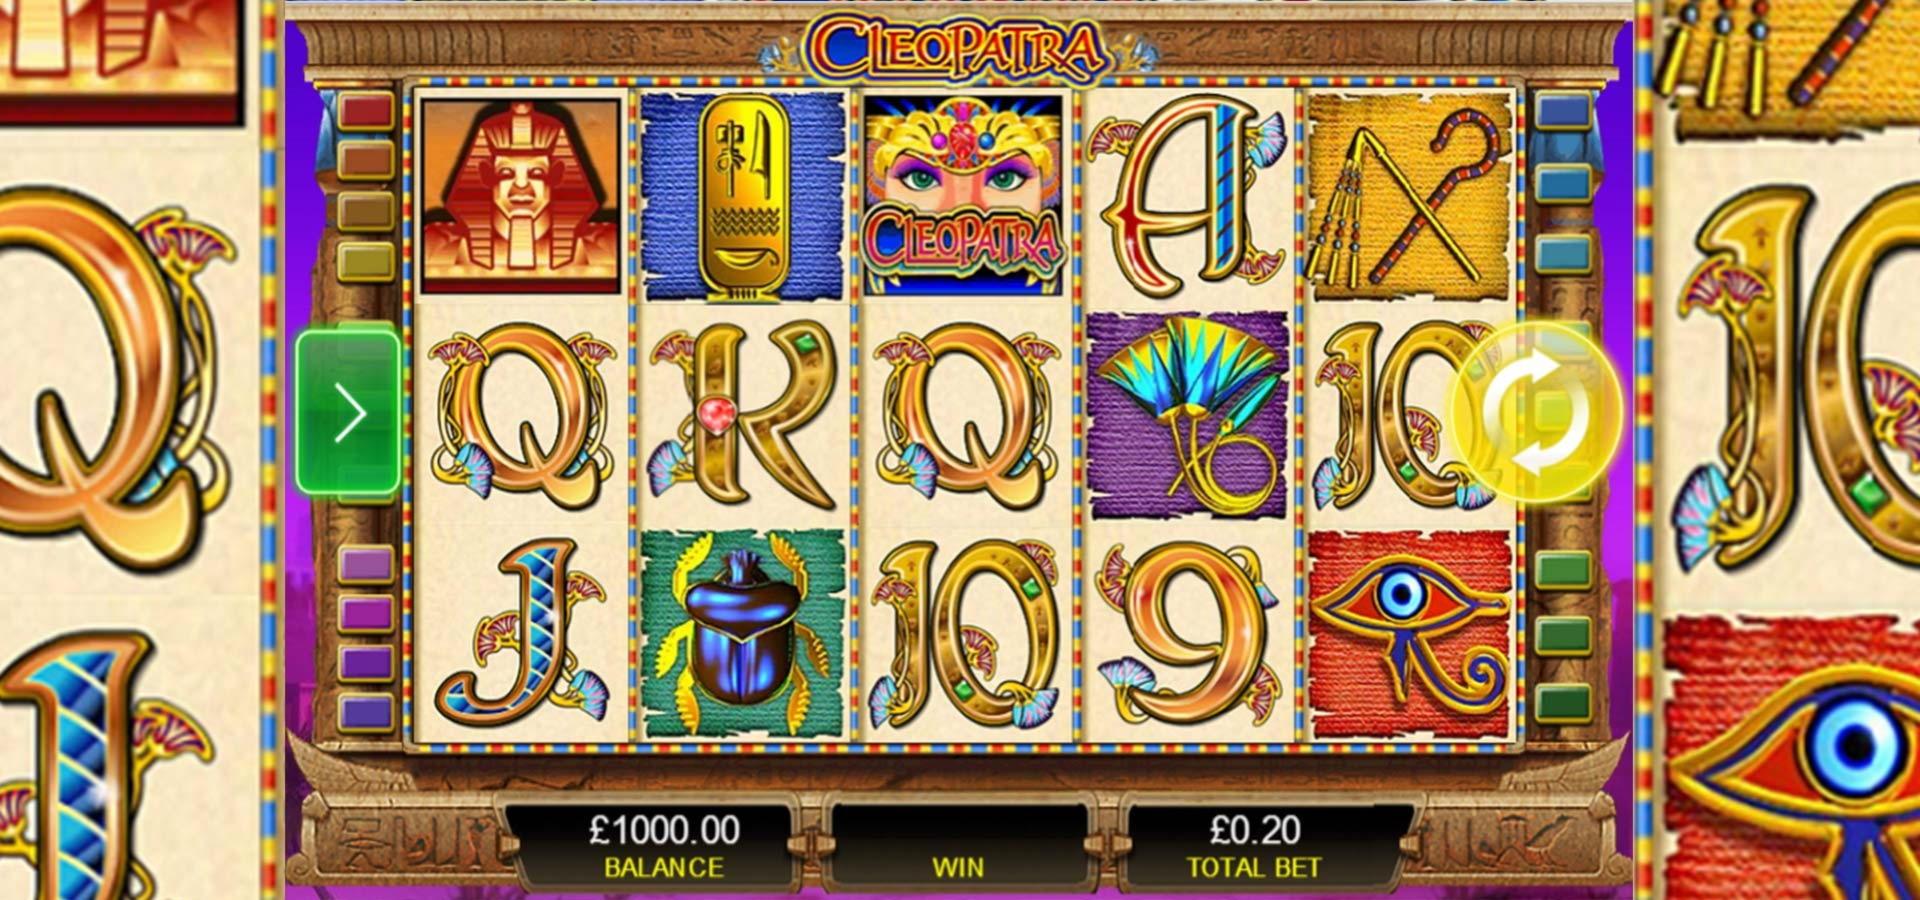 EUR 950 Free Casino Tournament at Casino.com